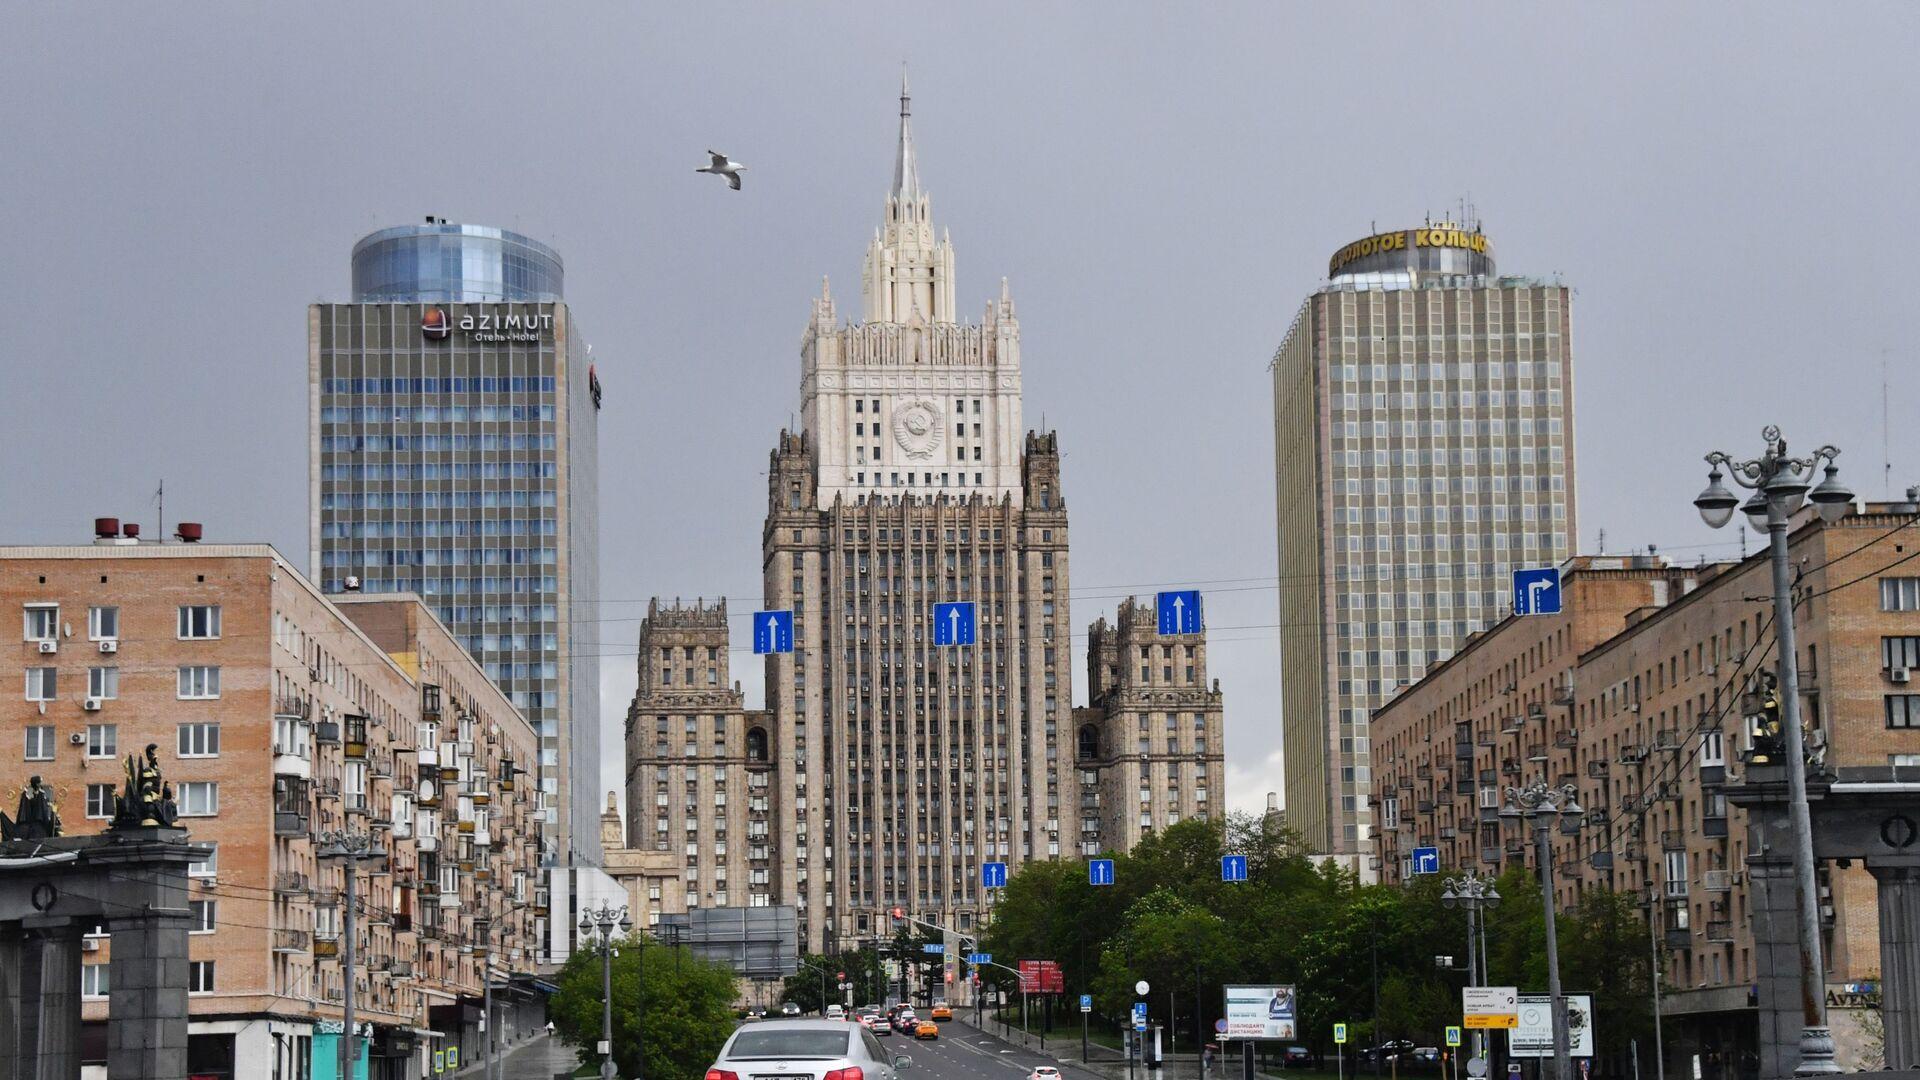 Здание Министерства иностранных дел РФ (в центре), фото из архива - Sputnik Азербайджан, 1920, 30.08.2021